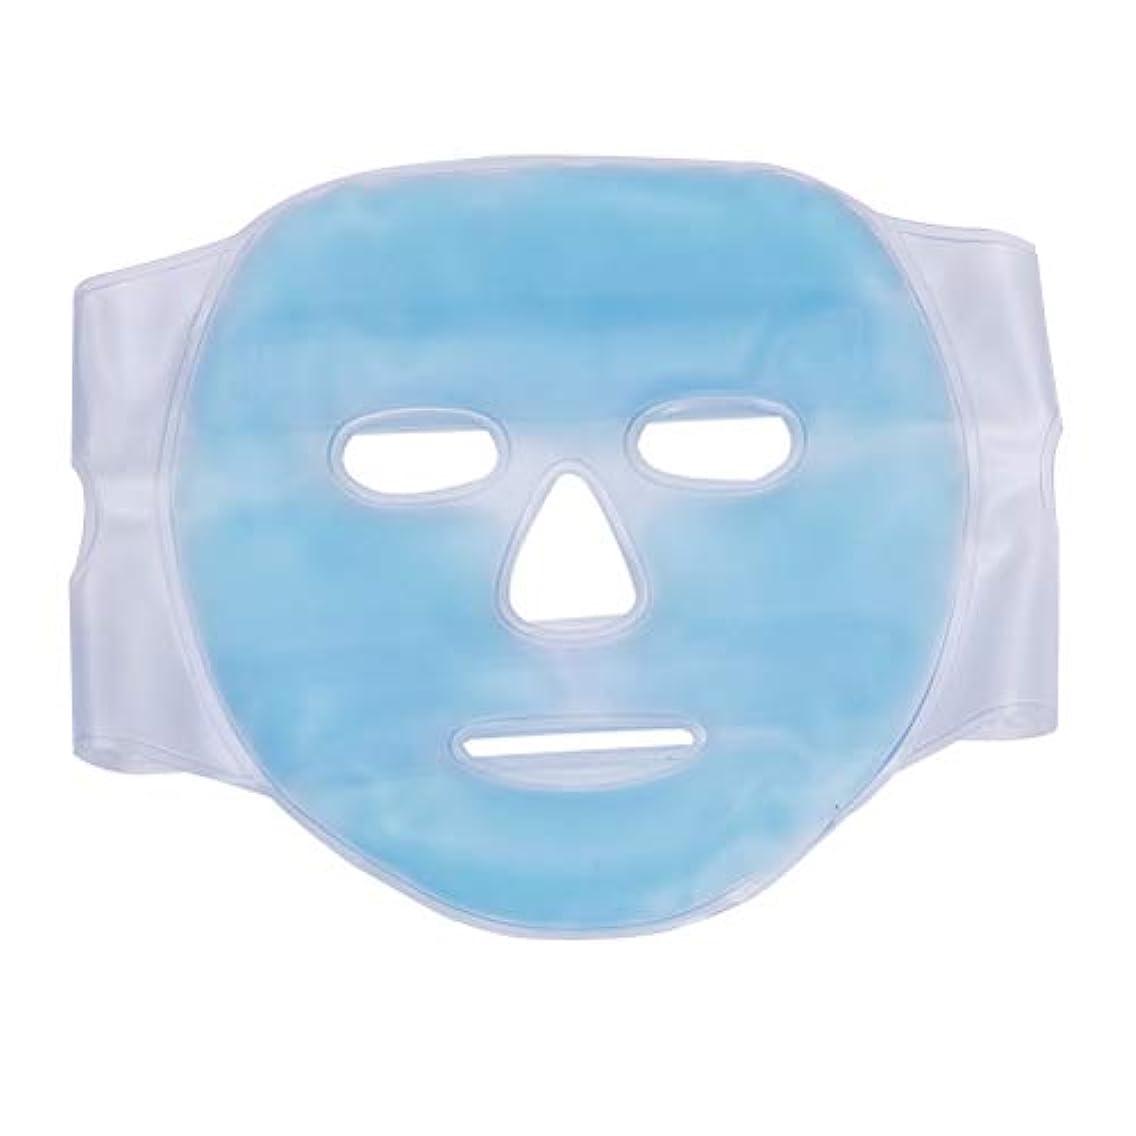 腐敗した回復するずんぐりしたSUPVOX 美容マスクホットコールドセラピージェルビーズフルフェイシャルマスク睡眠用片頭痛緩腫れぼったい顔(青)